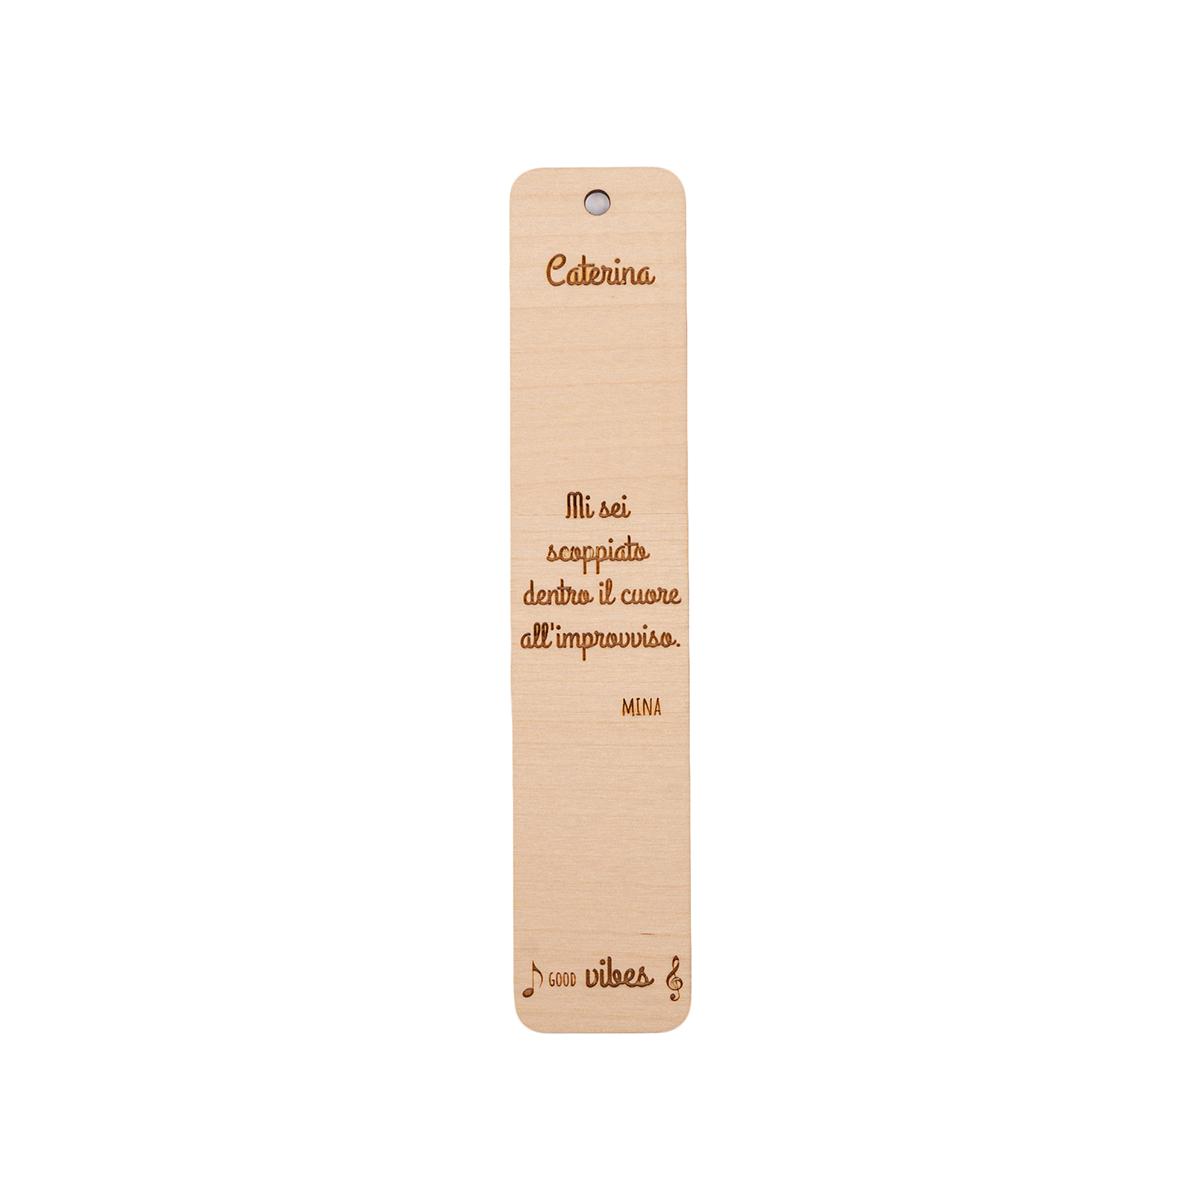 Segnalibro in legno personalizzabile con frase canzone famosa - Mina